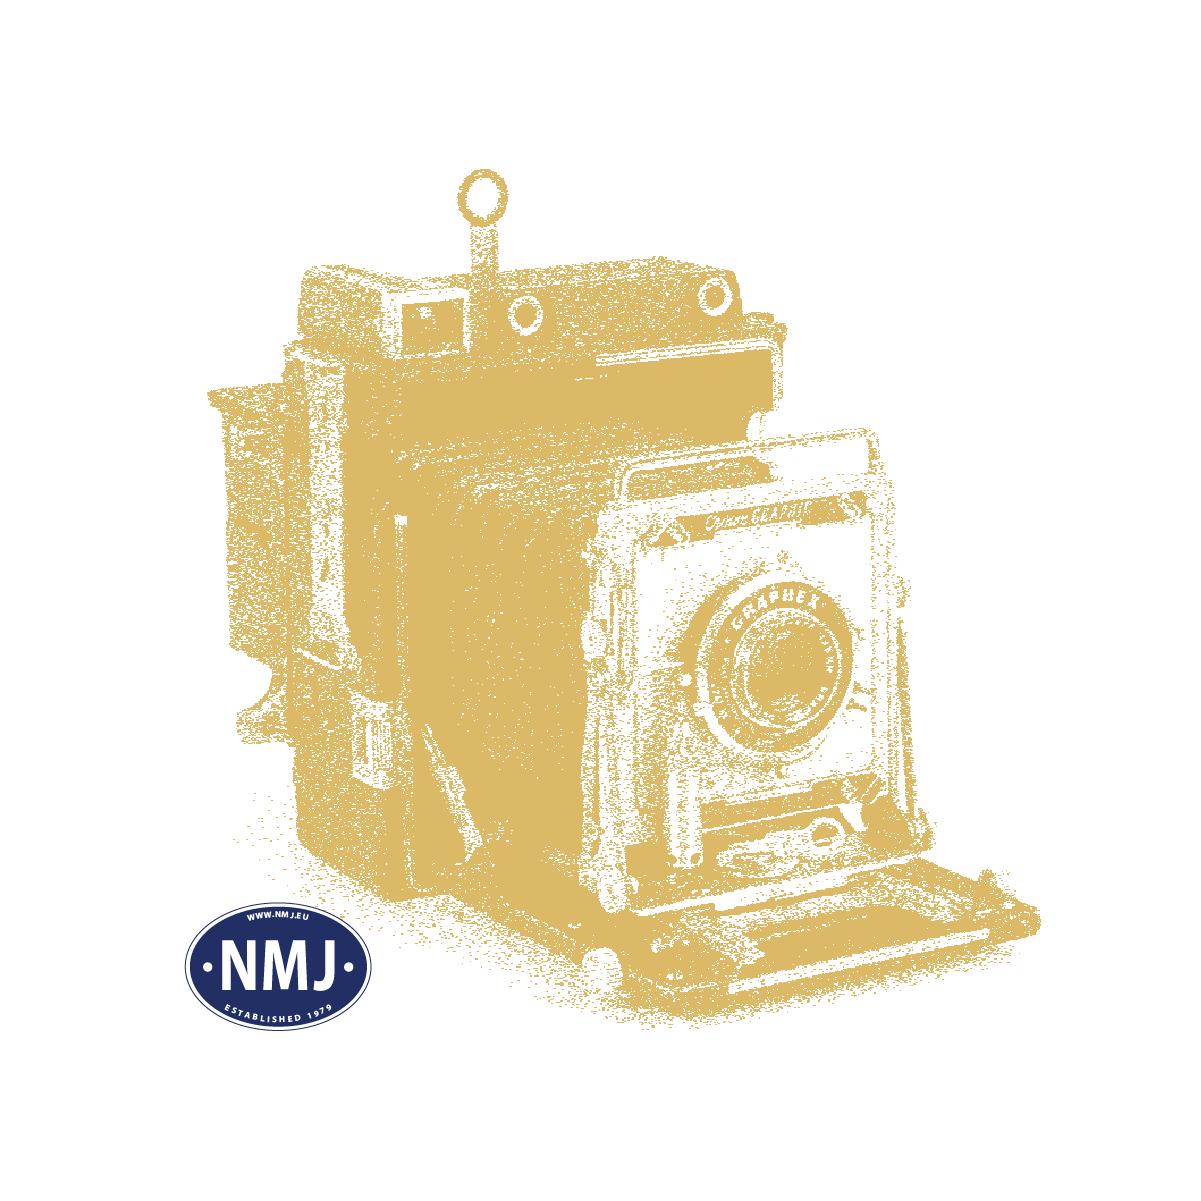 NMJT93005 - NMJ Topline SJ YF1 1325, Oransje, DCC m/ Lyd